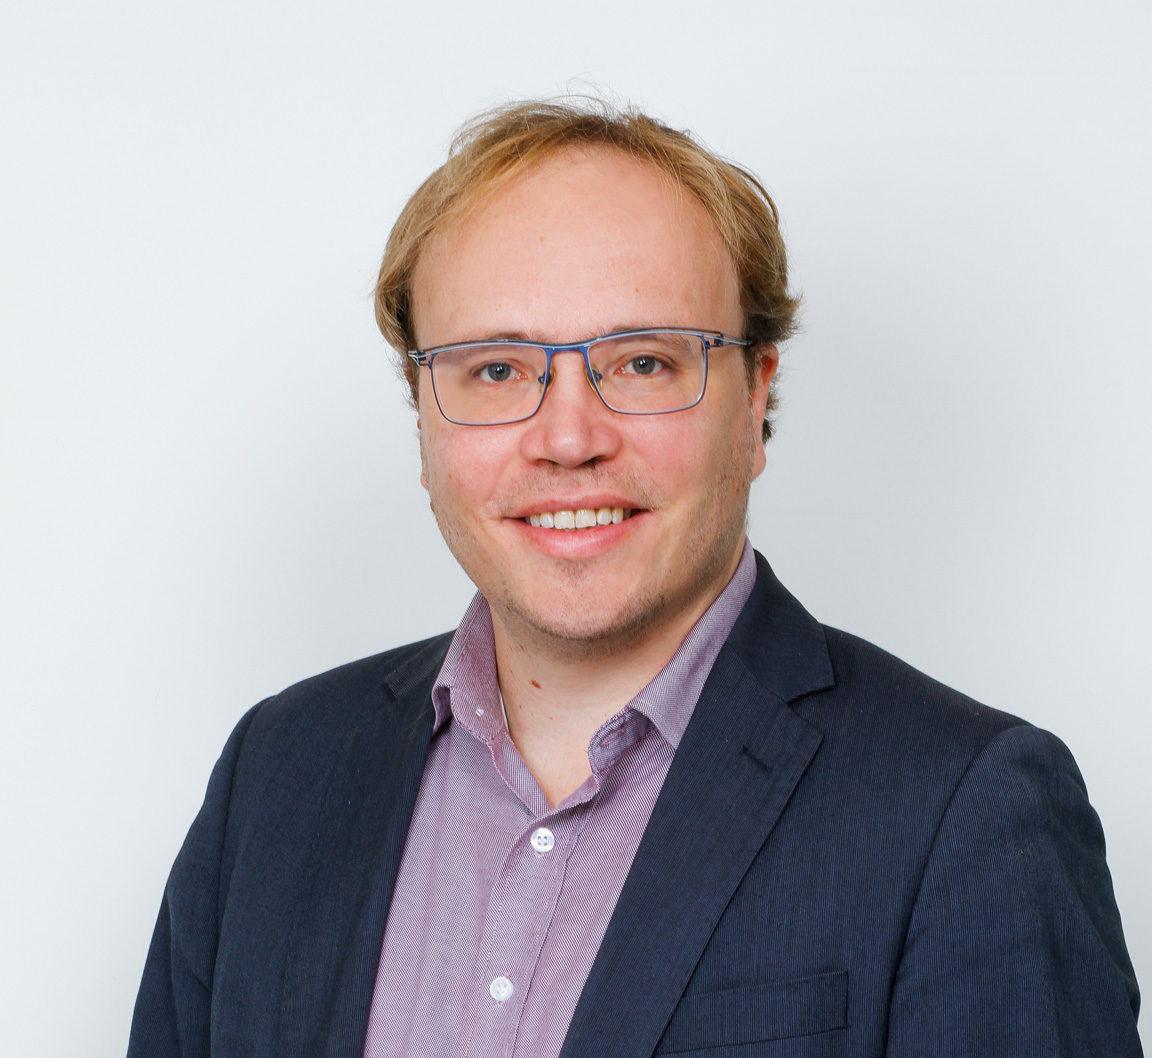 Felix Klebe